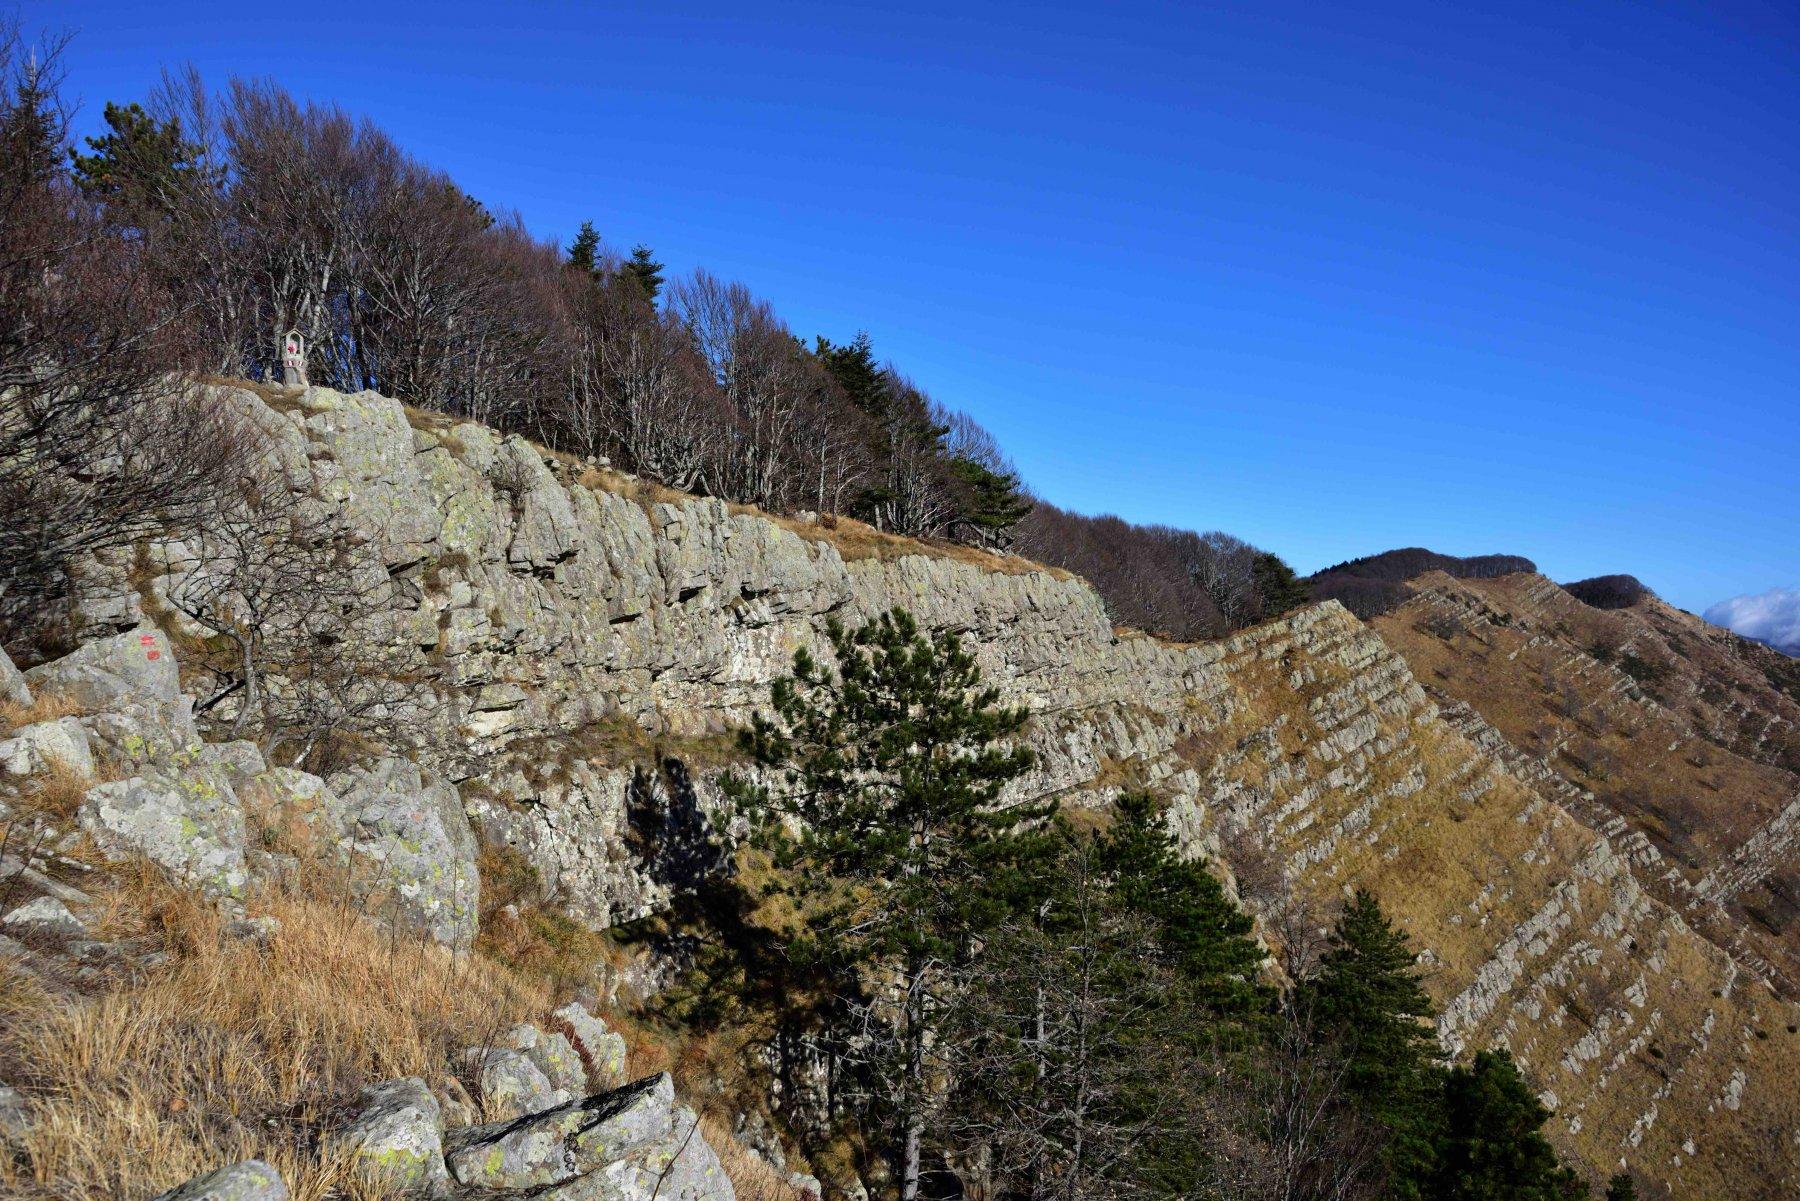 La cresta sommitale poco sotto la vetta del M.Zatta di Ponente.